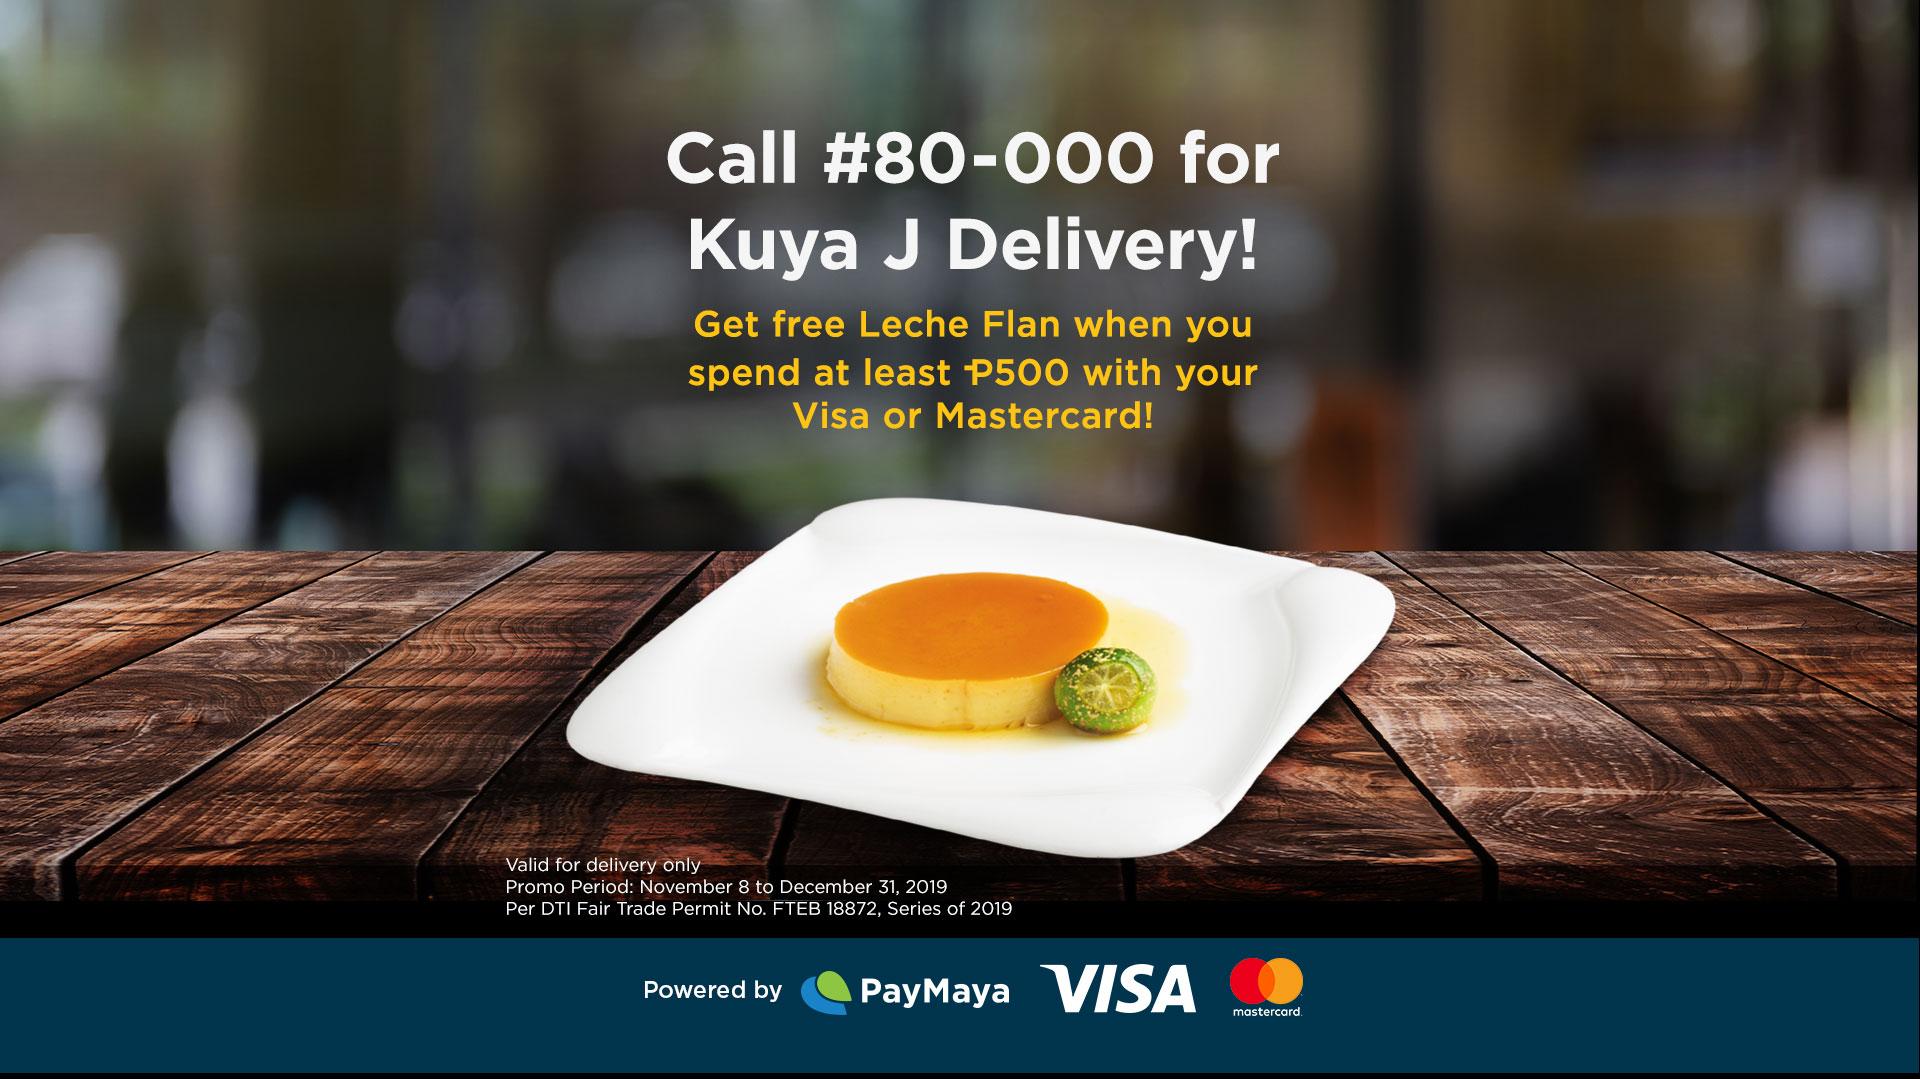 Kuya J Delivery